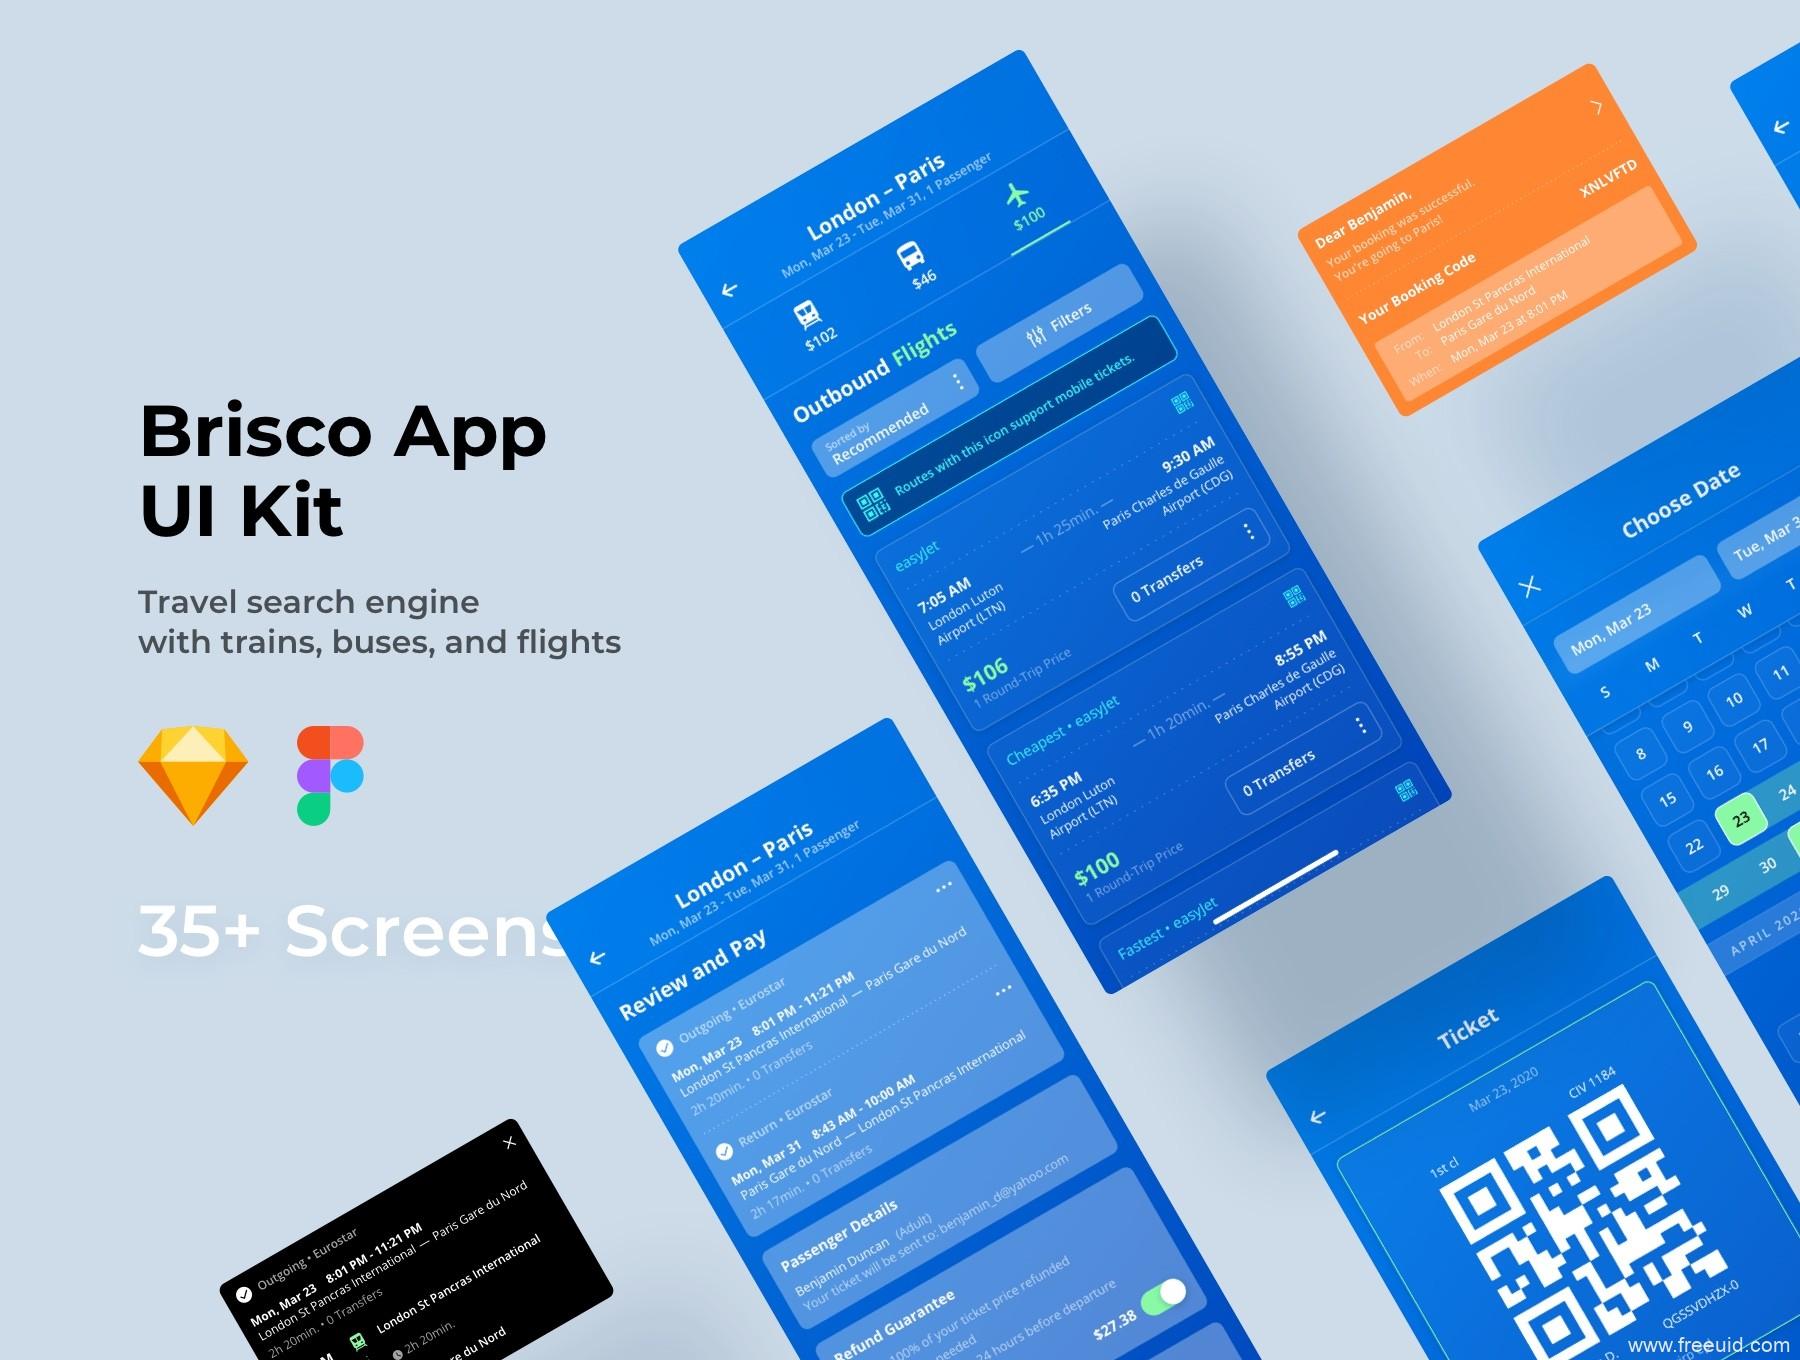 交通出行app ui源文件下载,机票、火车票、公交汽车UI资源下载,sketch源文件,figma源文件